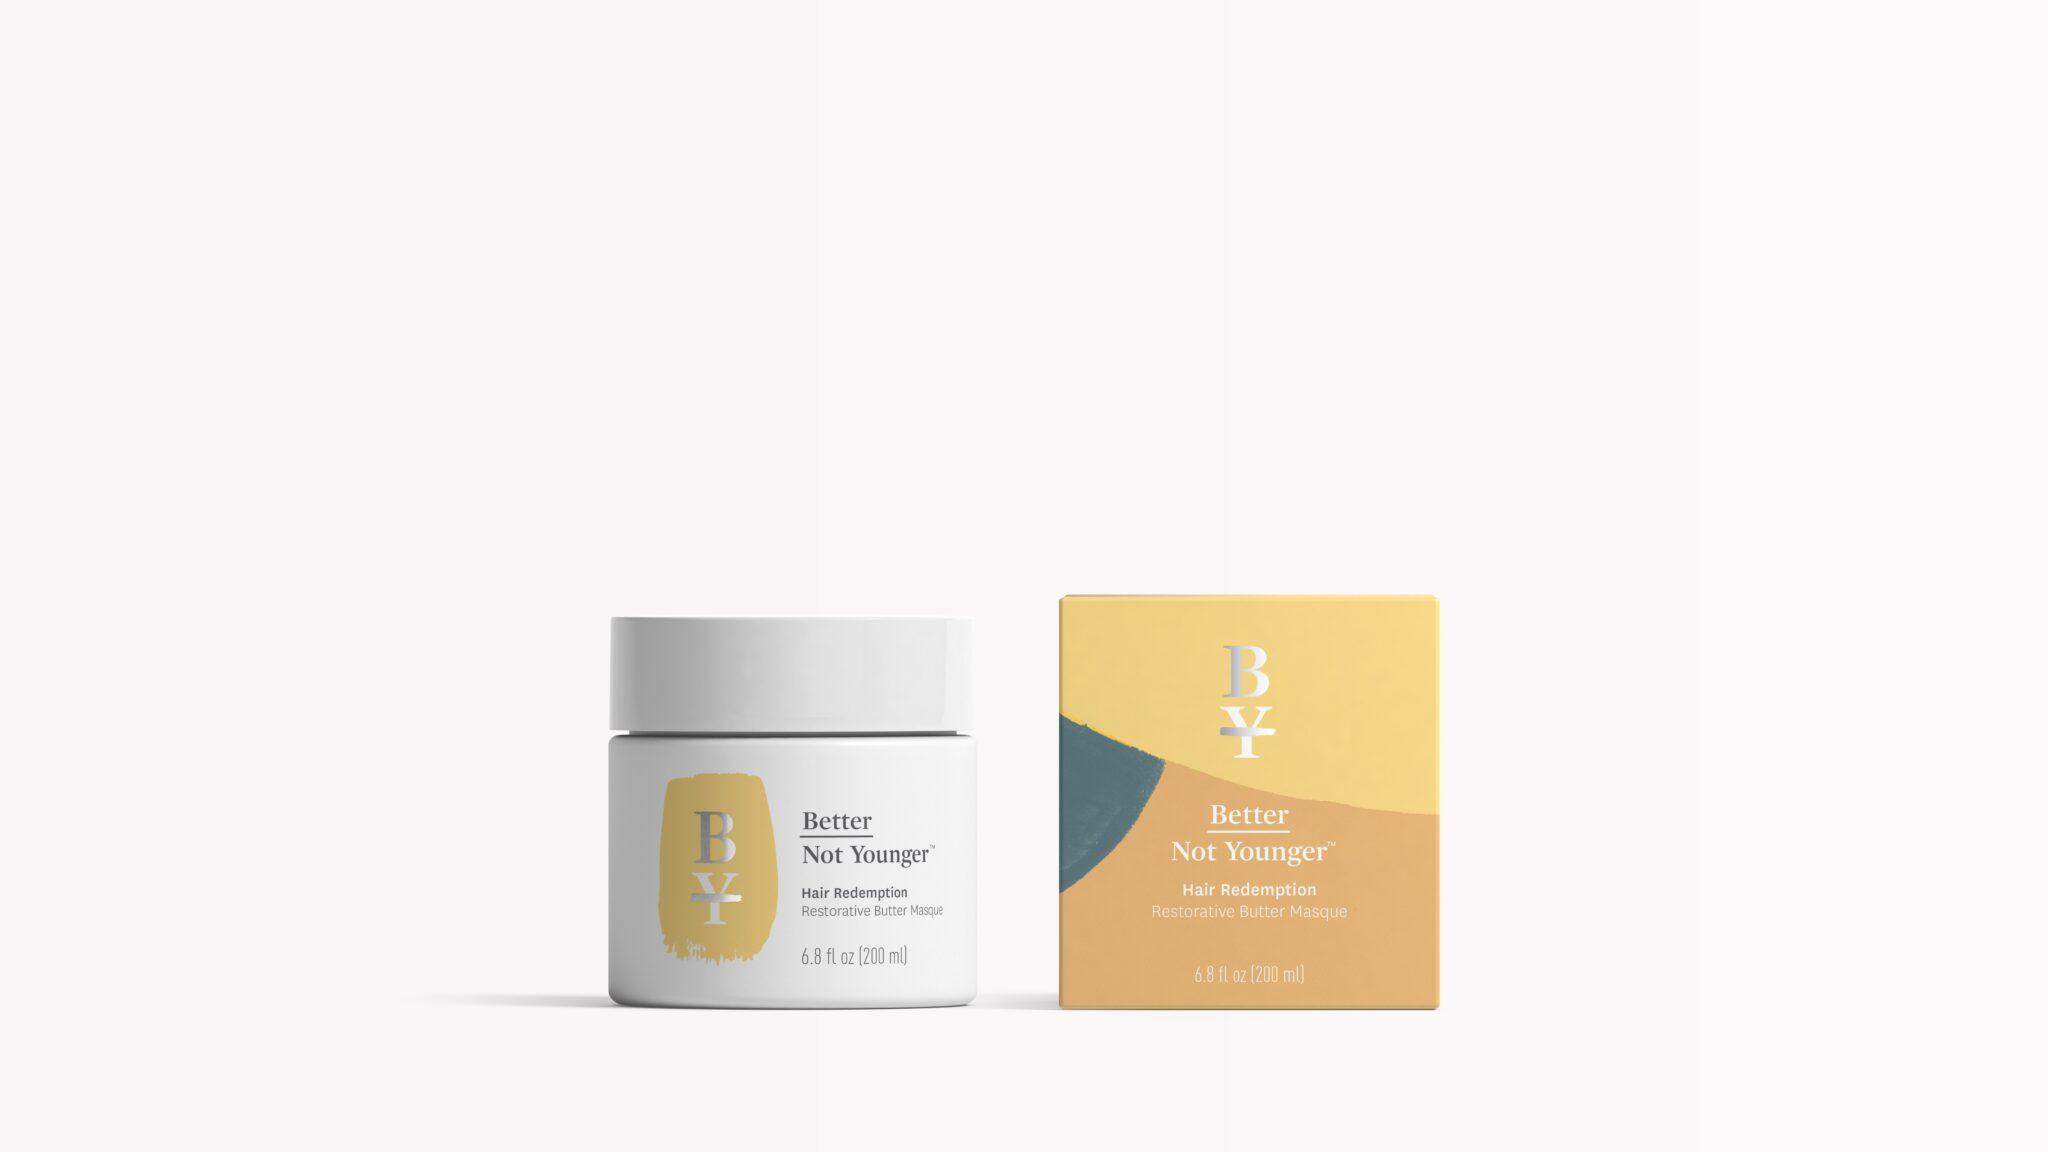 Hair Redemption Restorative Butter Masque